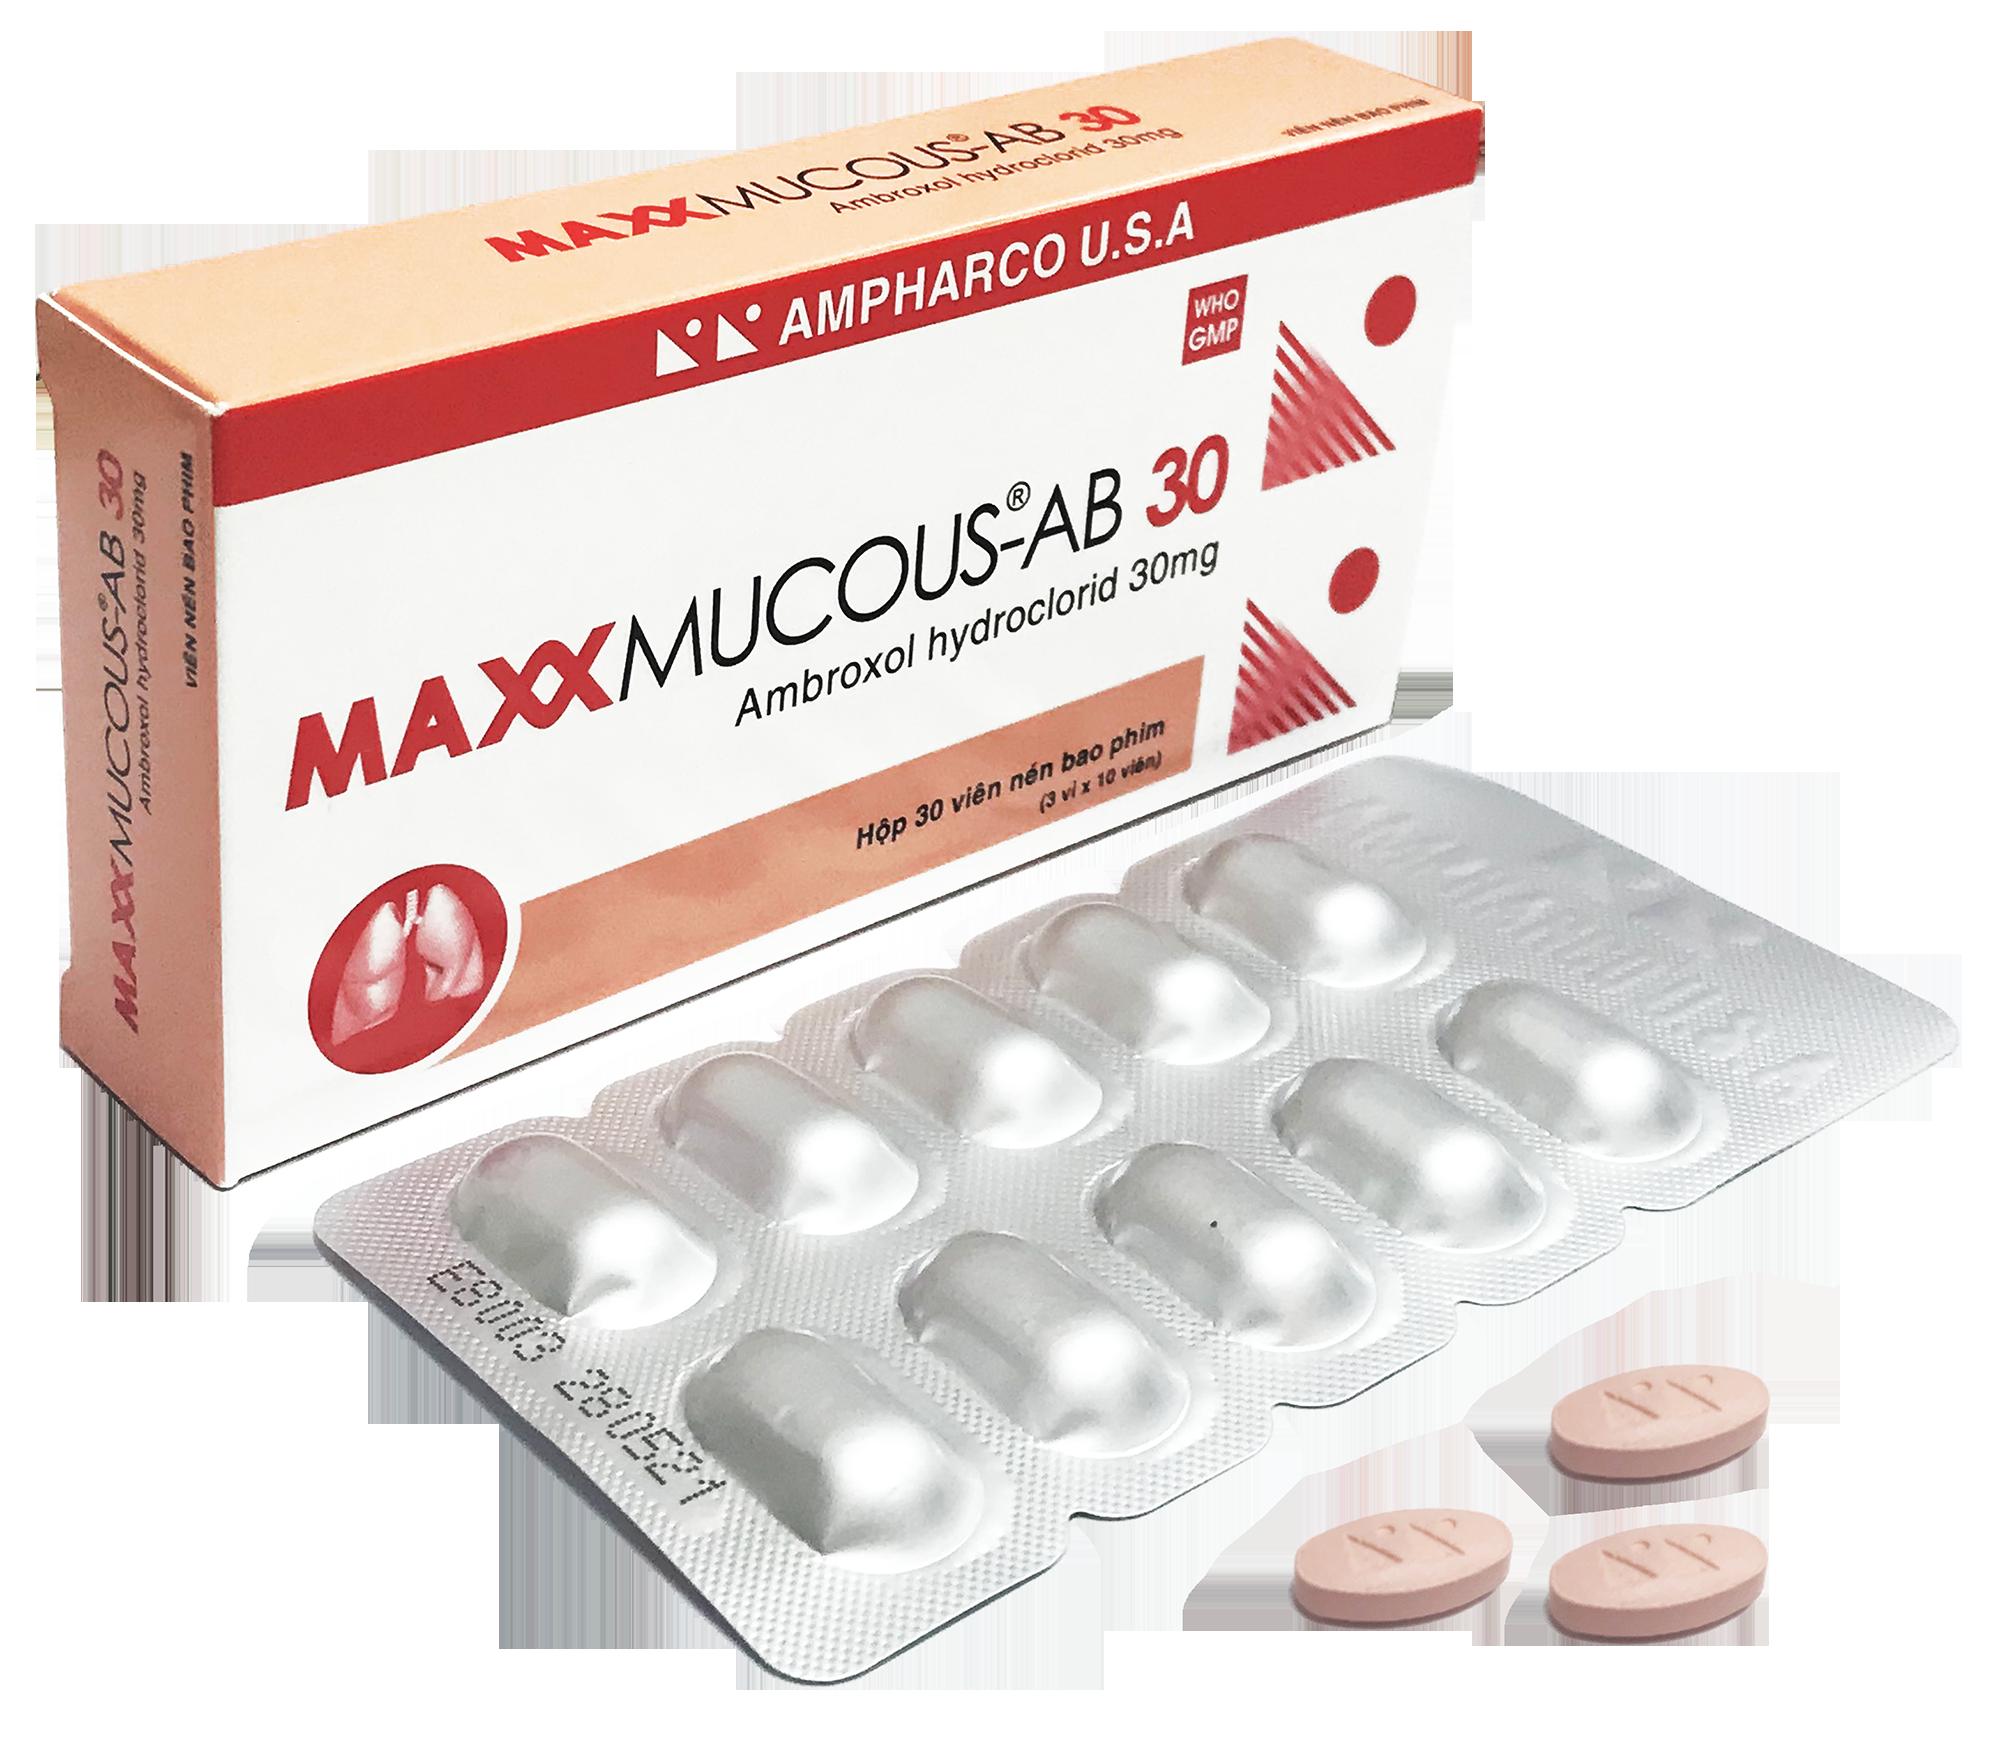 MAXXMUCOUS-AB 30